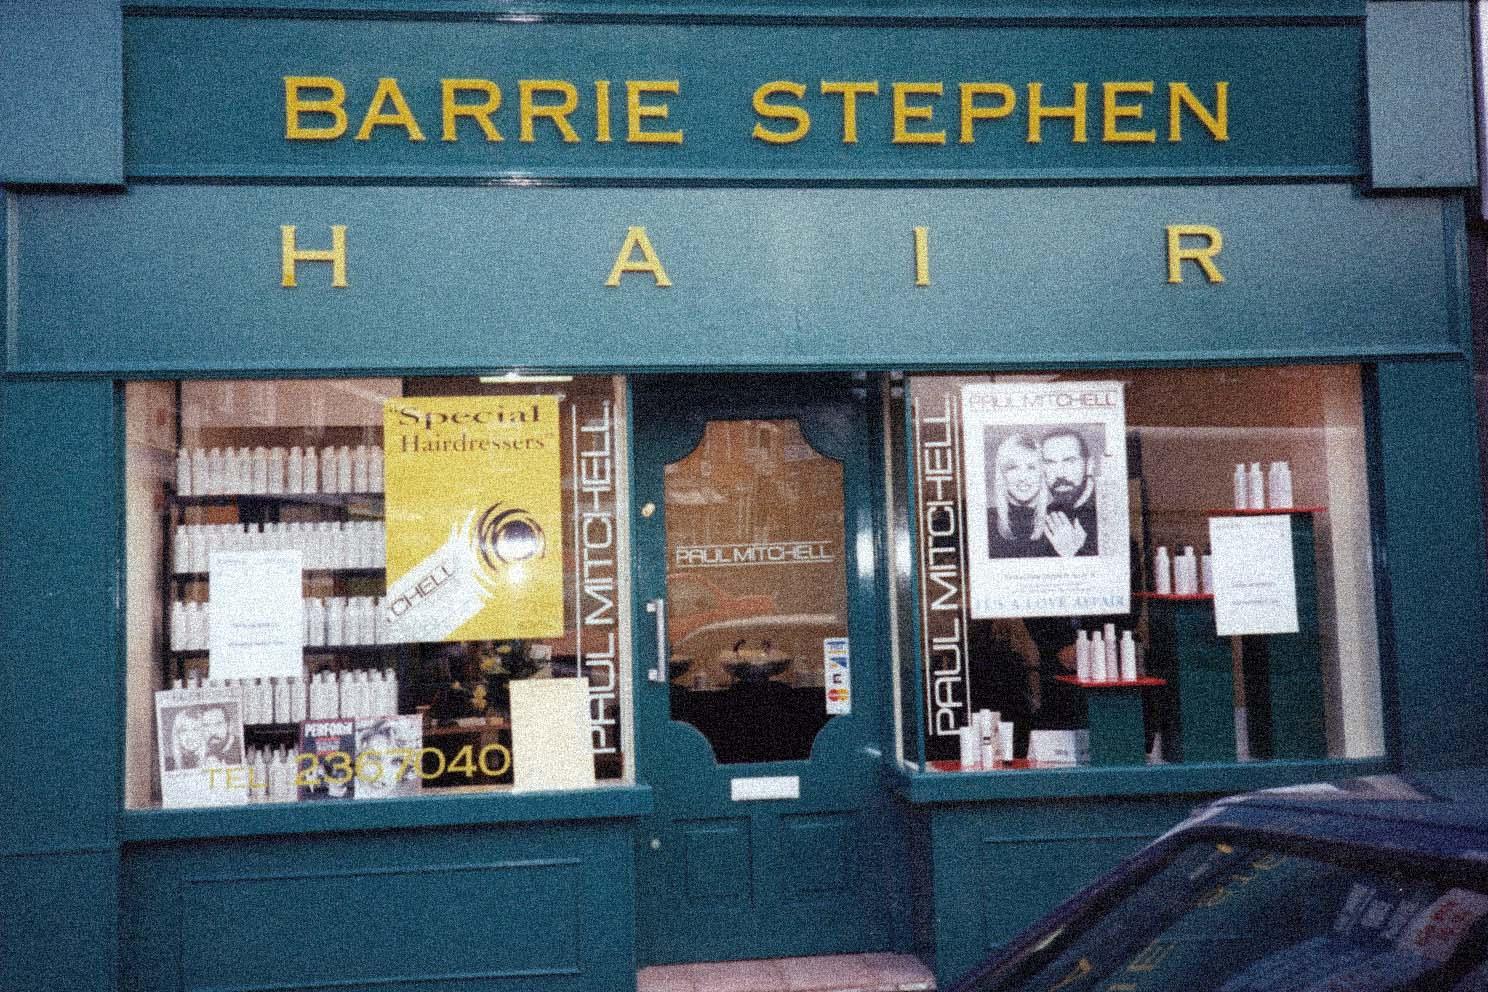 Barrie Stephen first Salon